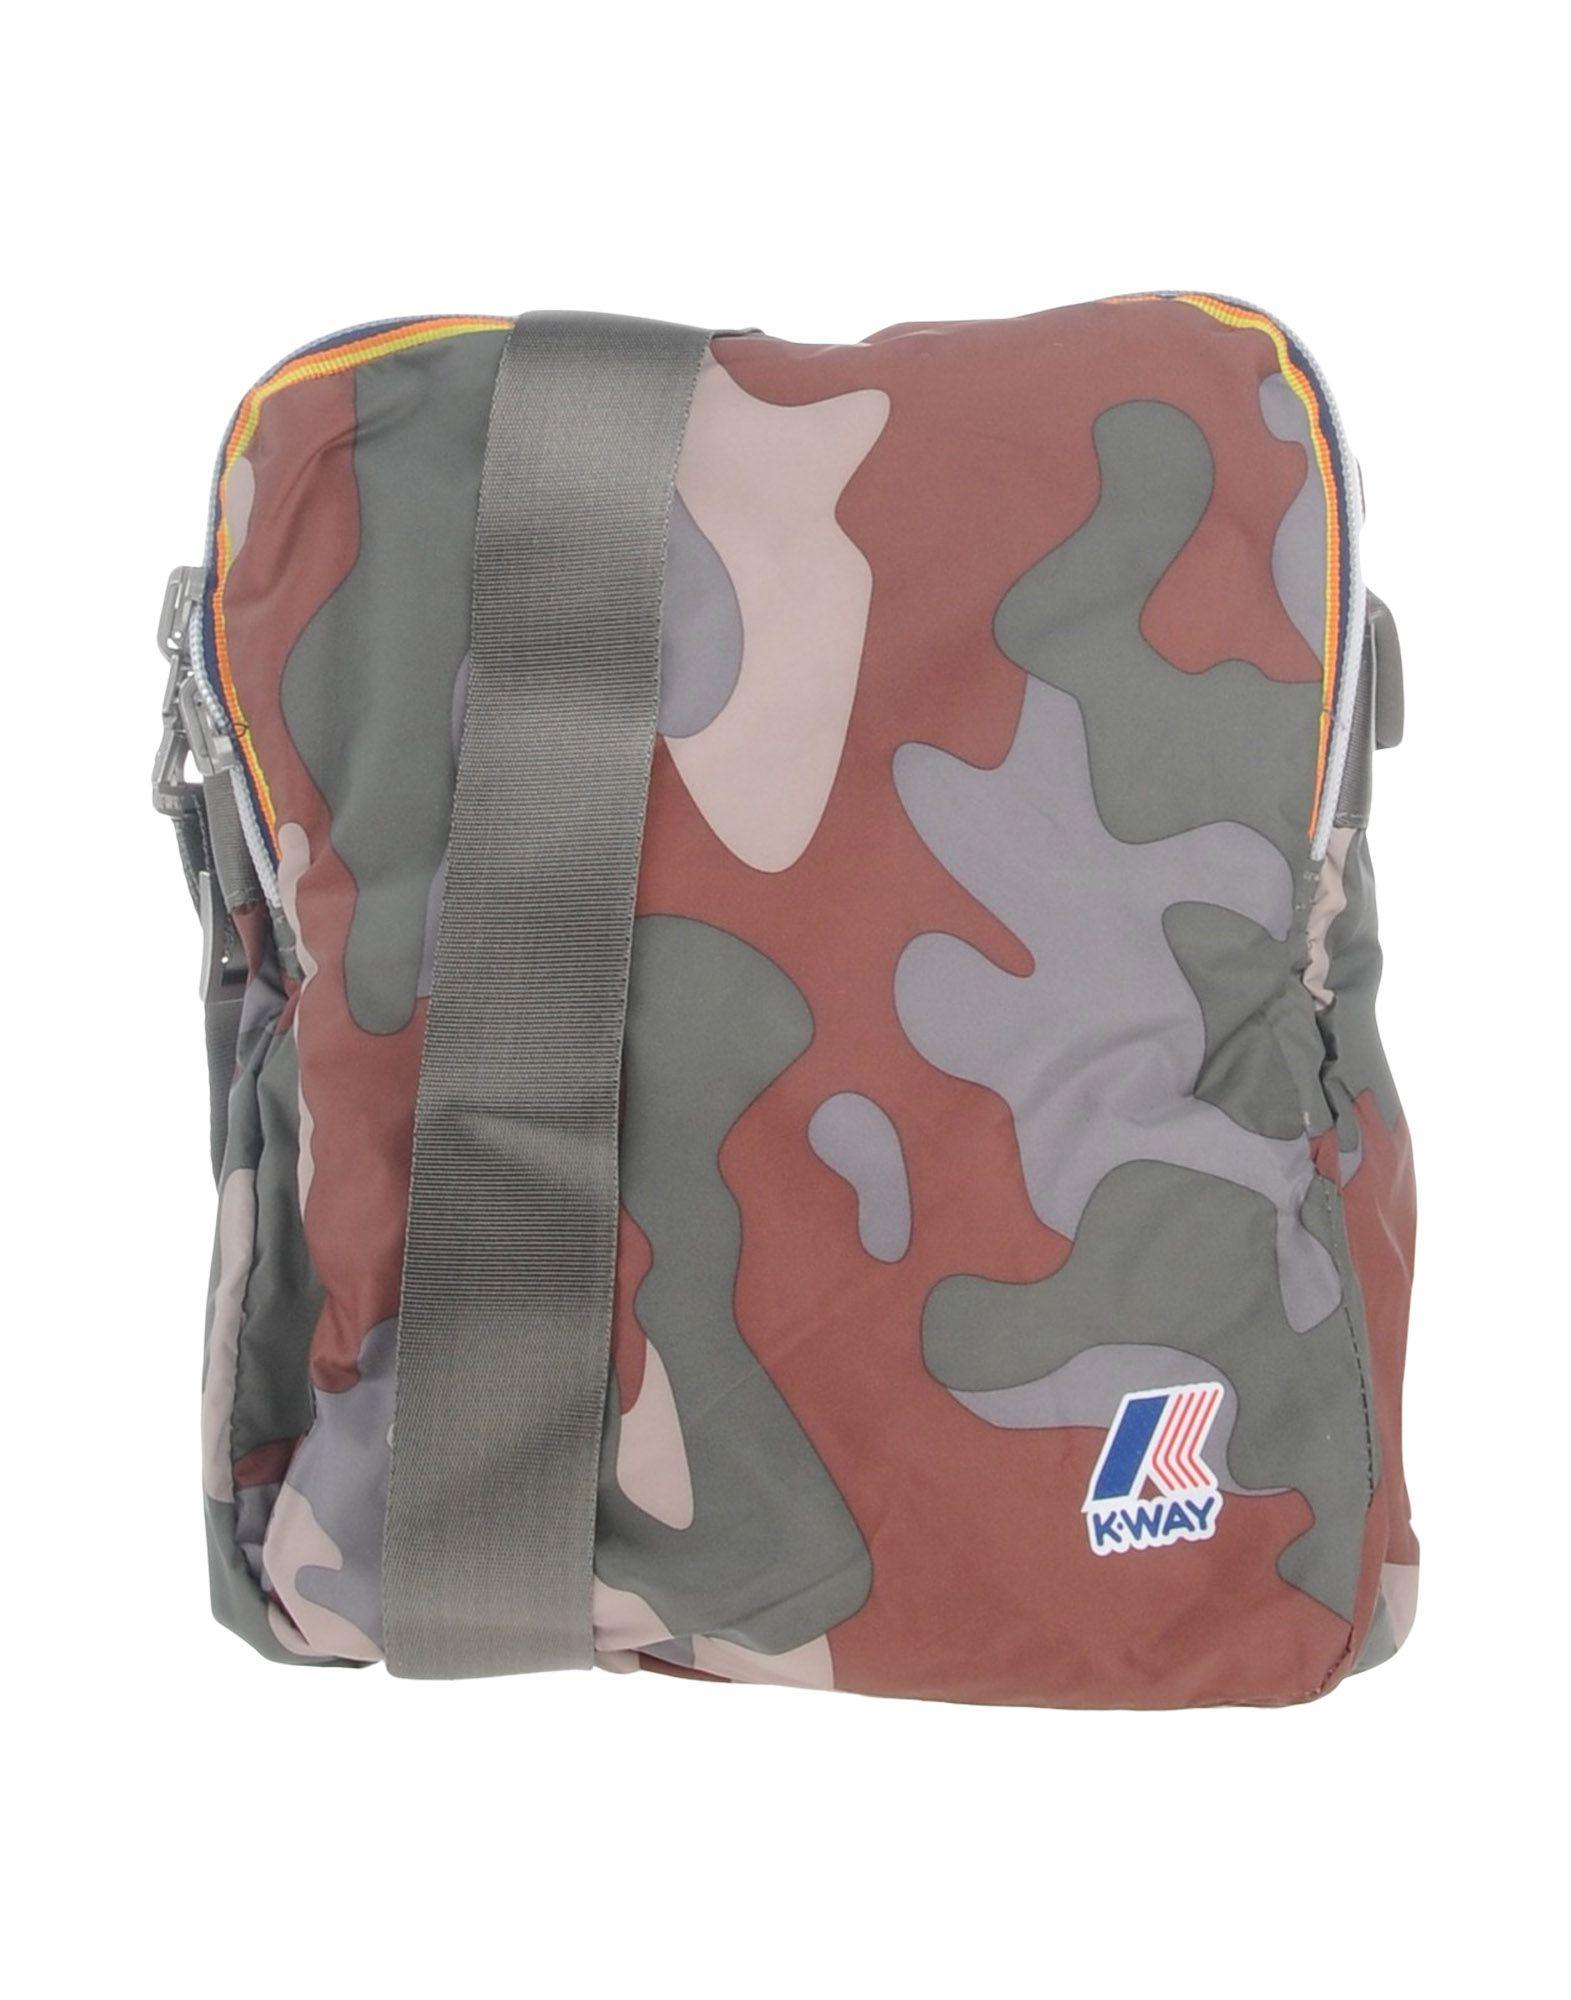 K-WAY Сумка через плечо сумка через плечо anais gvani croco ag 1471 350161